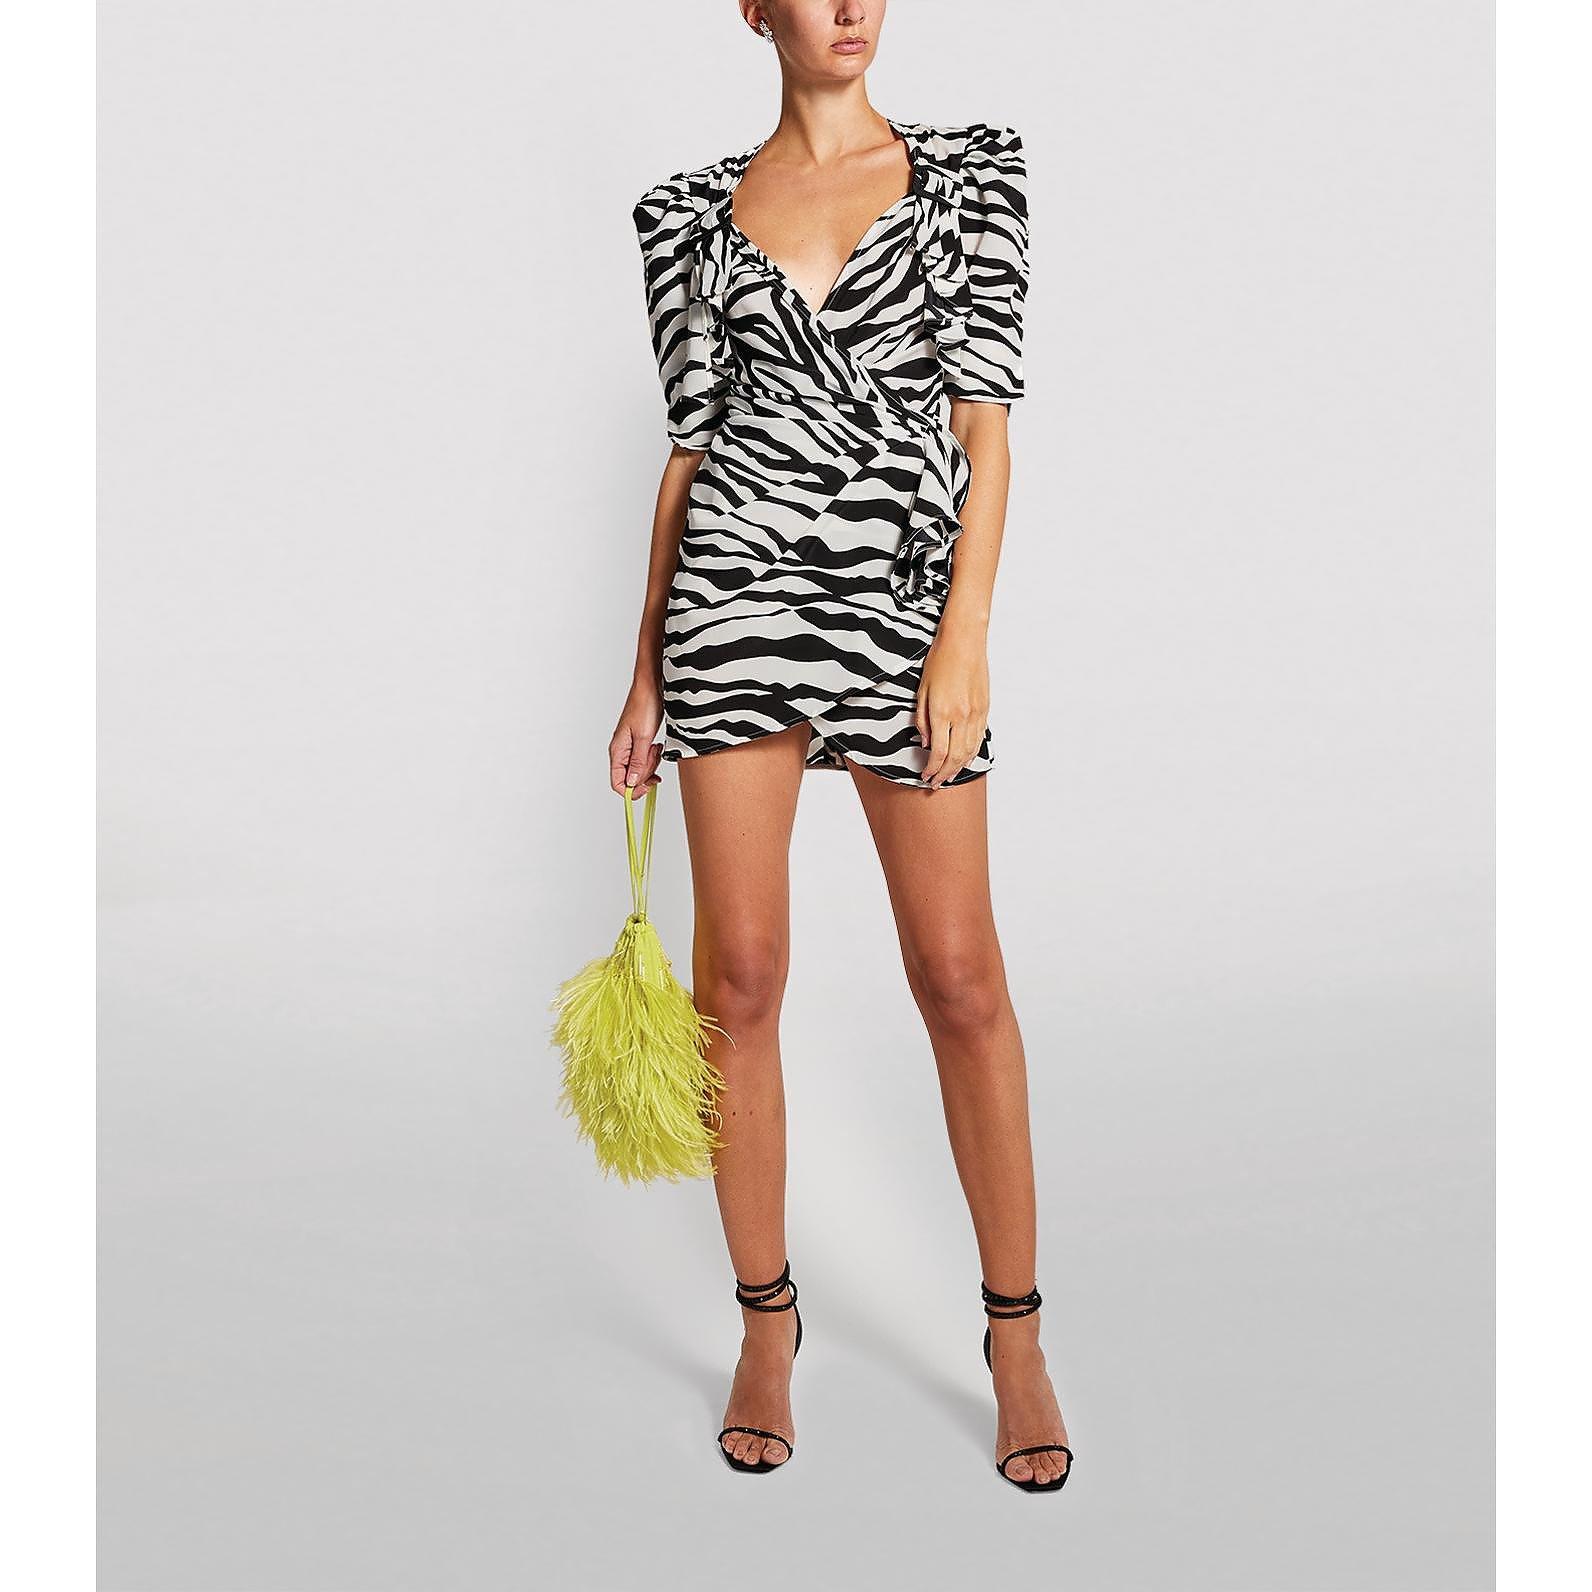 The Attico Zebra Wrap Mini Dress